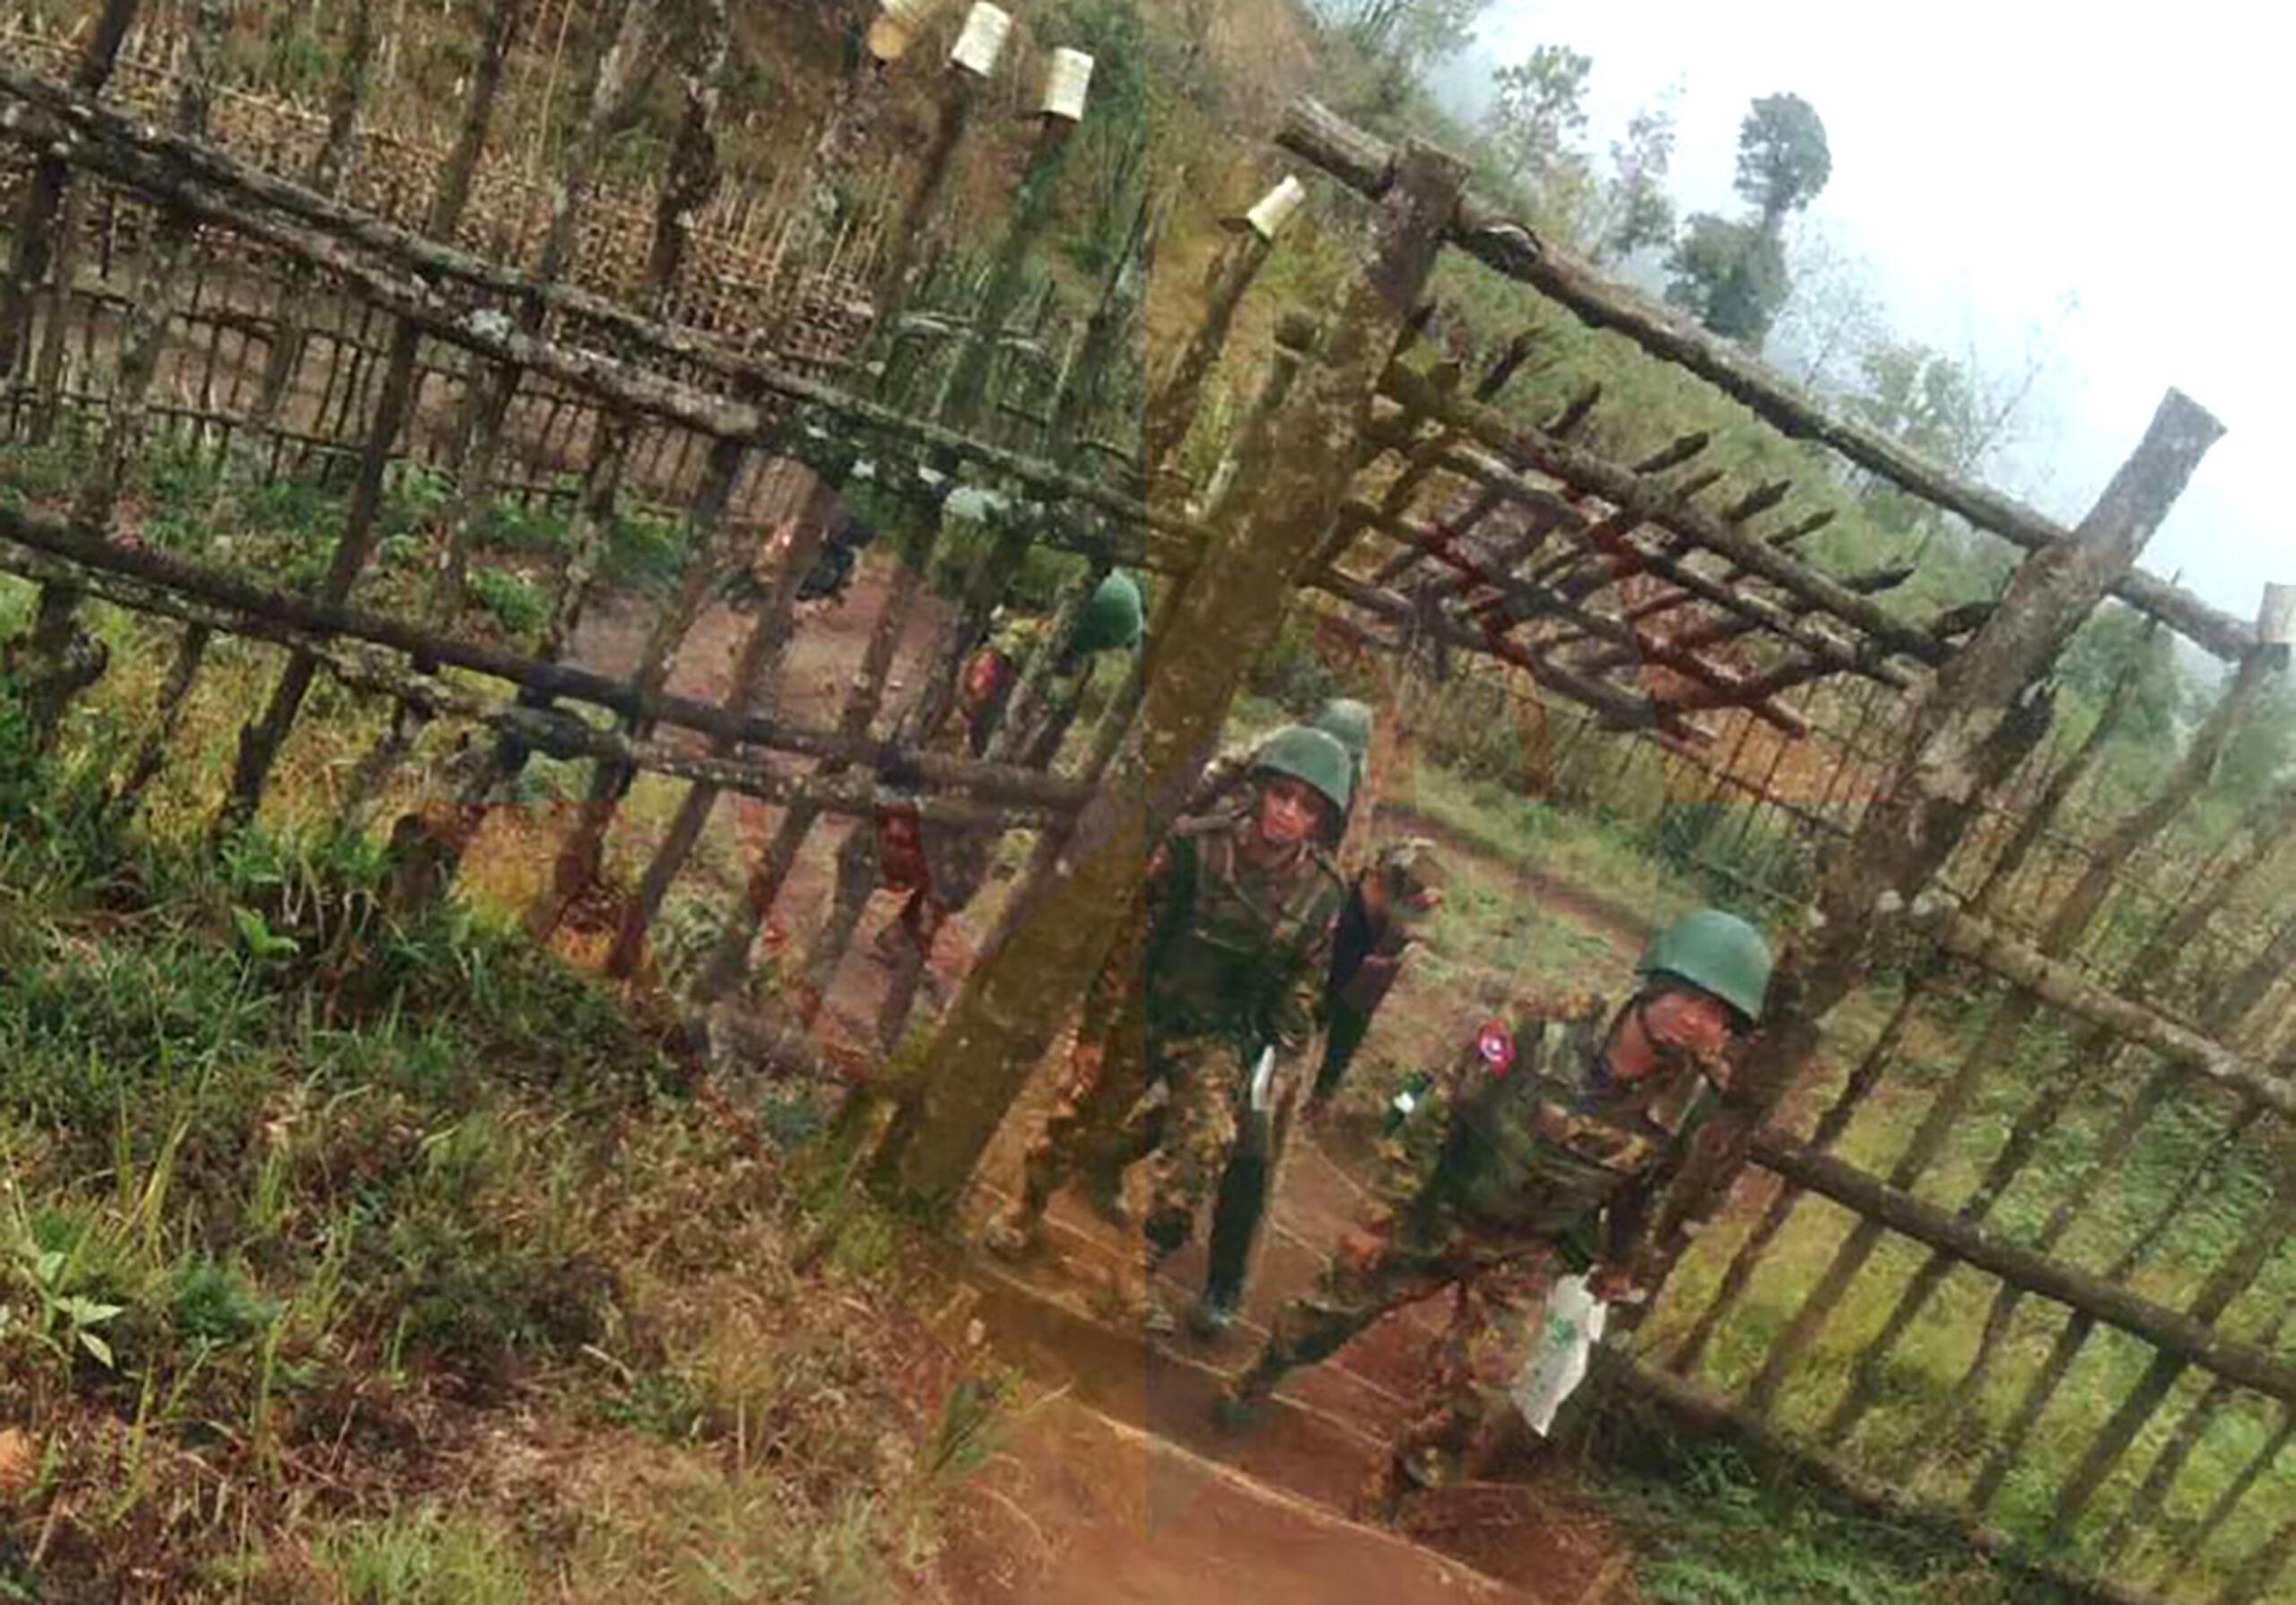 နောင်ကွမ်ကျေးရွာအနီး အာဏာသိမ်းစစ်တပ်စခန်းဘက်တွင် KIA နှင့် ပစ်ခတ်မှုဖြစ်ပွားခဲ့